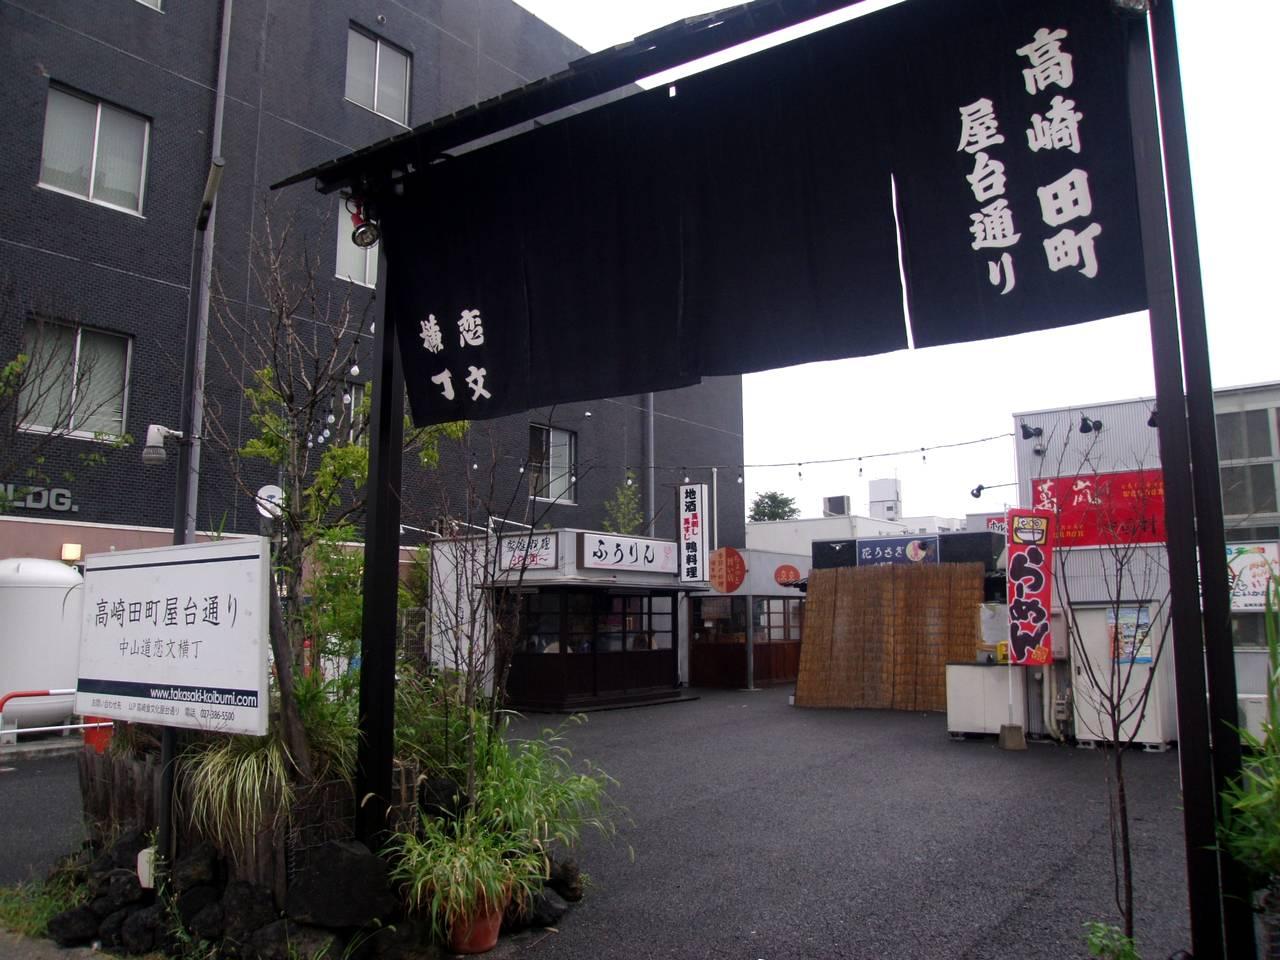 ... 高崎宿(たかざきしゅく)、高崎